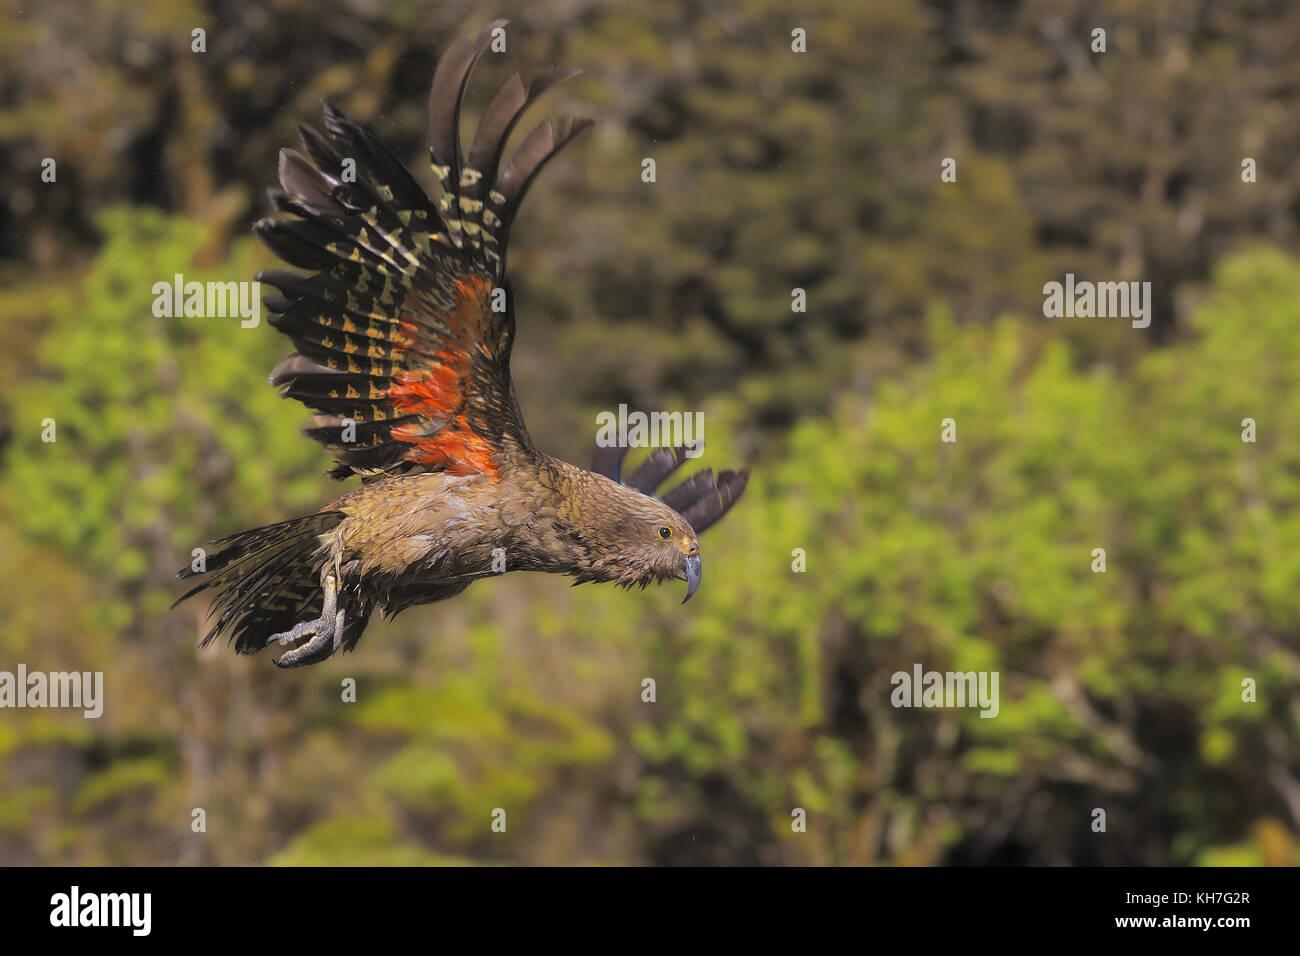 Flying kea - Stock Image